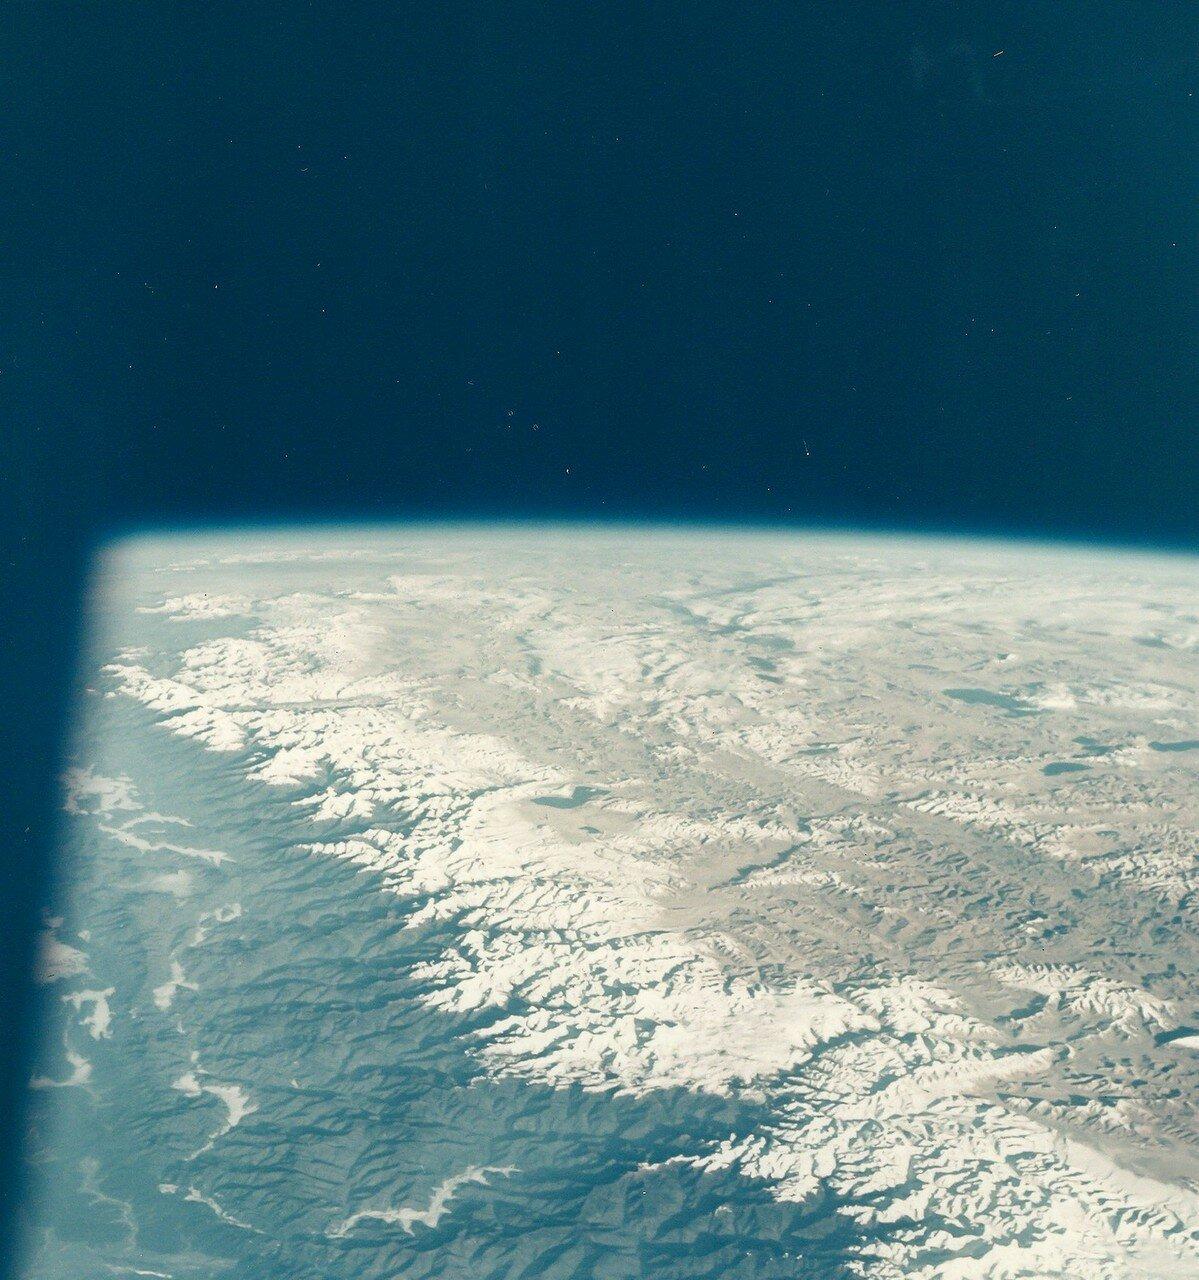 1968, октябрь.  Самые высокие горы Земли (Эверест) с борта «Аполлона-7»